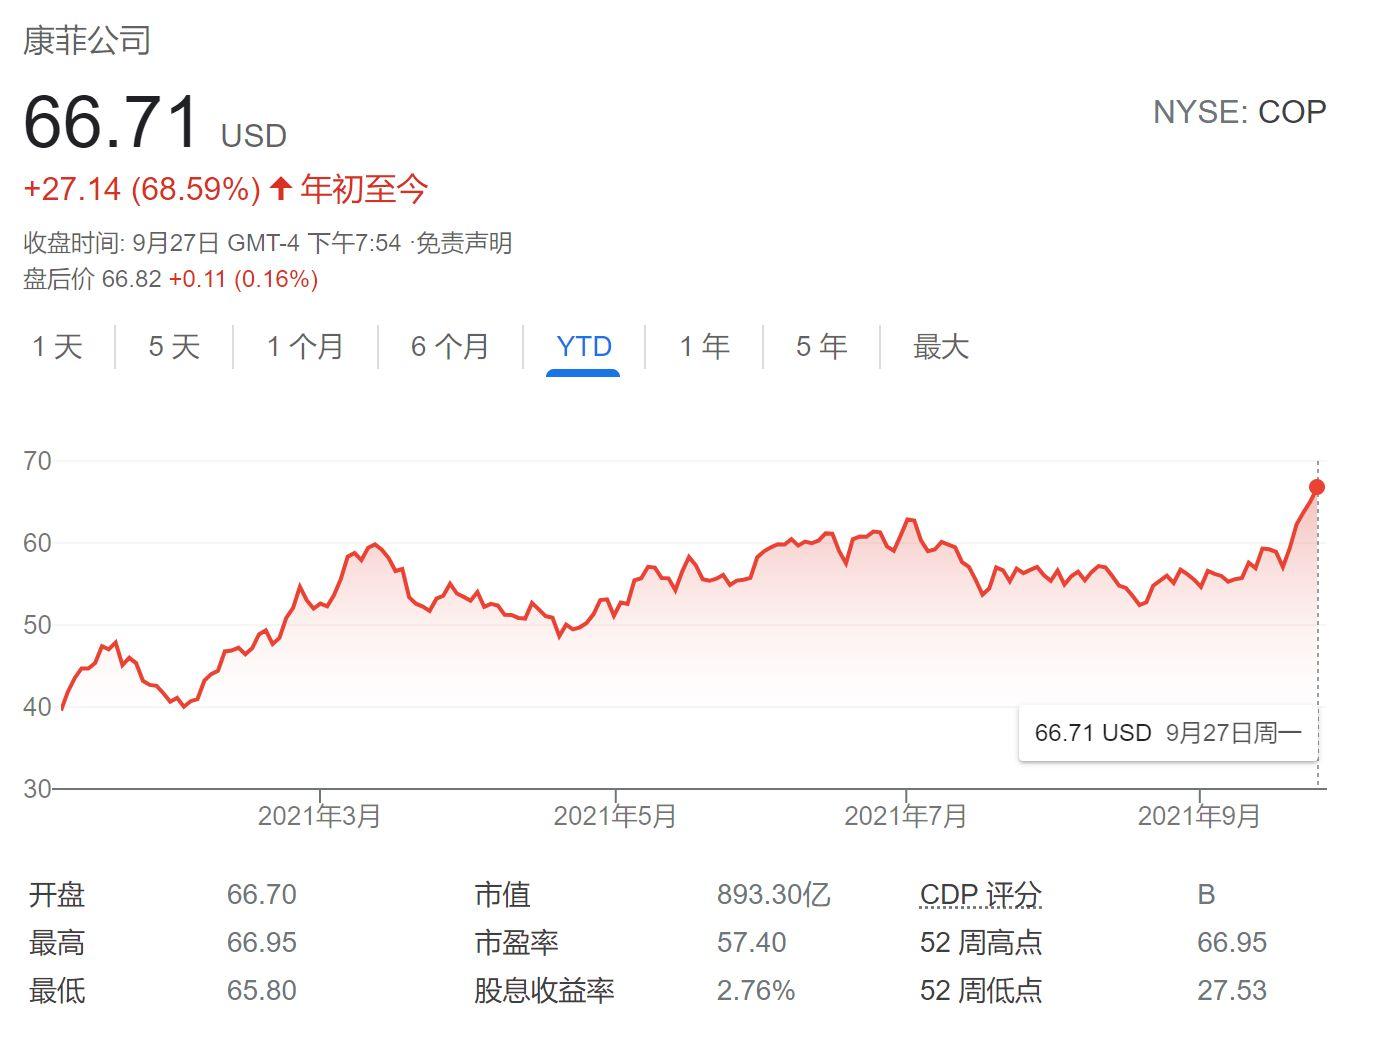 康菲股票行情(002503历史最高价多少)